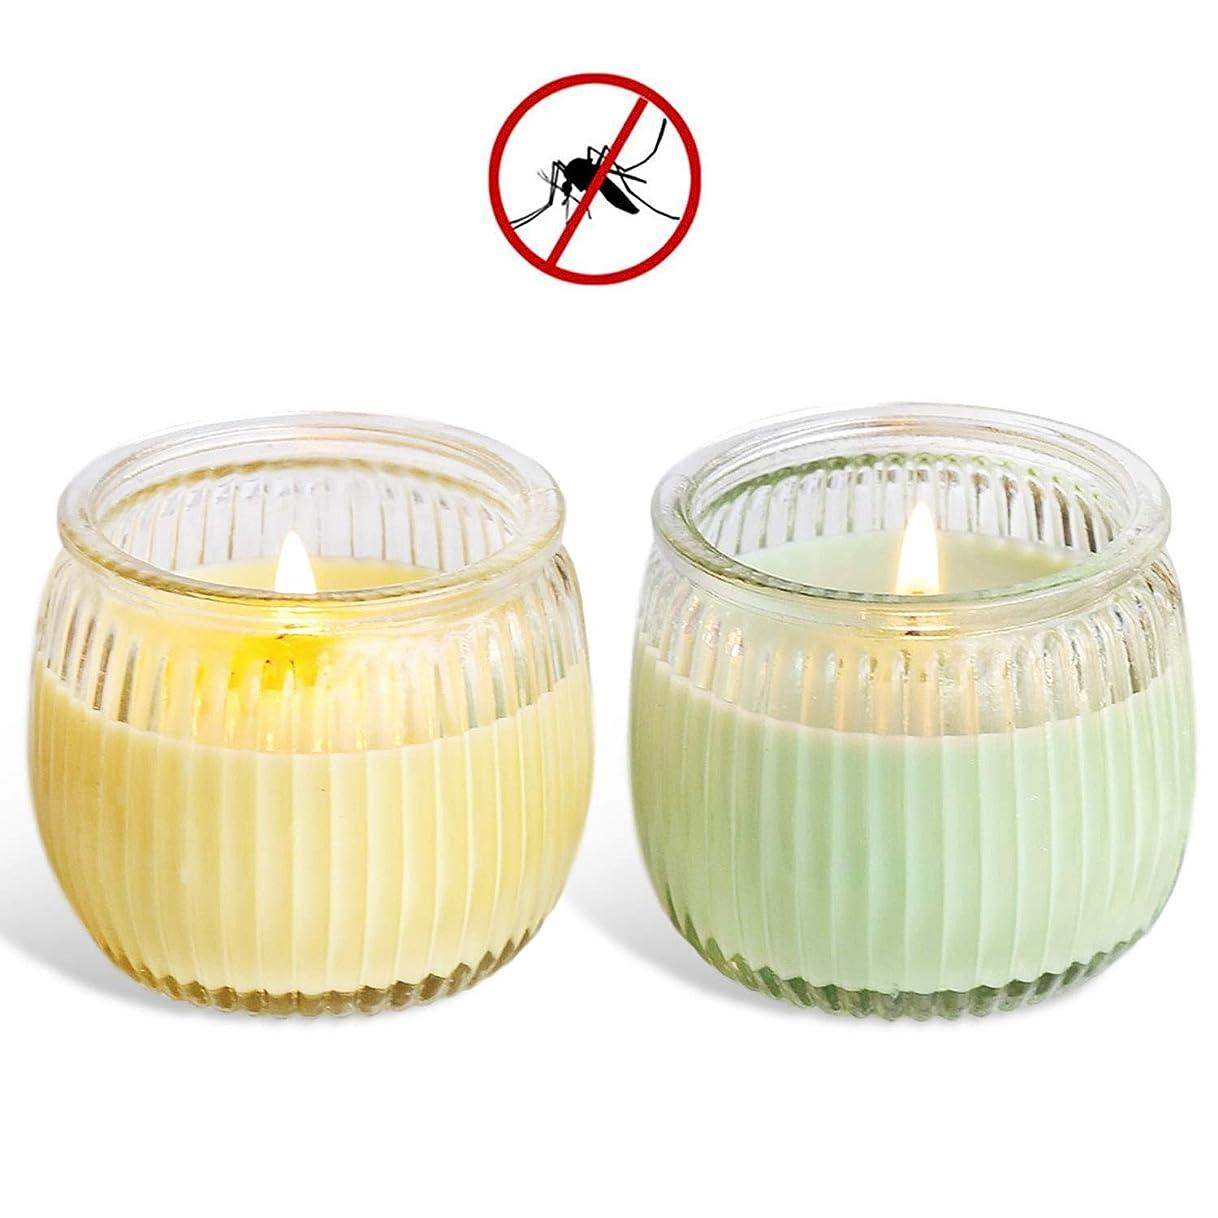 雑草警報アピール処置 スイカガラスカップの野菜大豆ワックスアロマキャンドルグリーンキャンドル